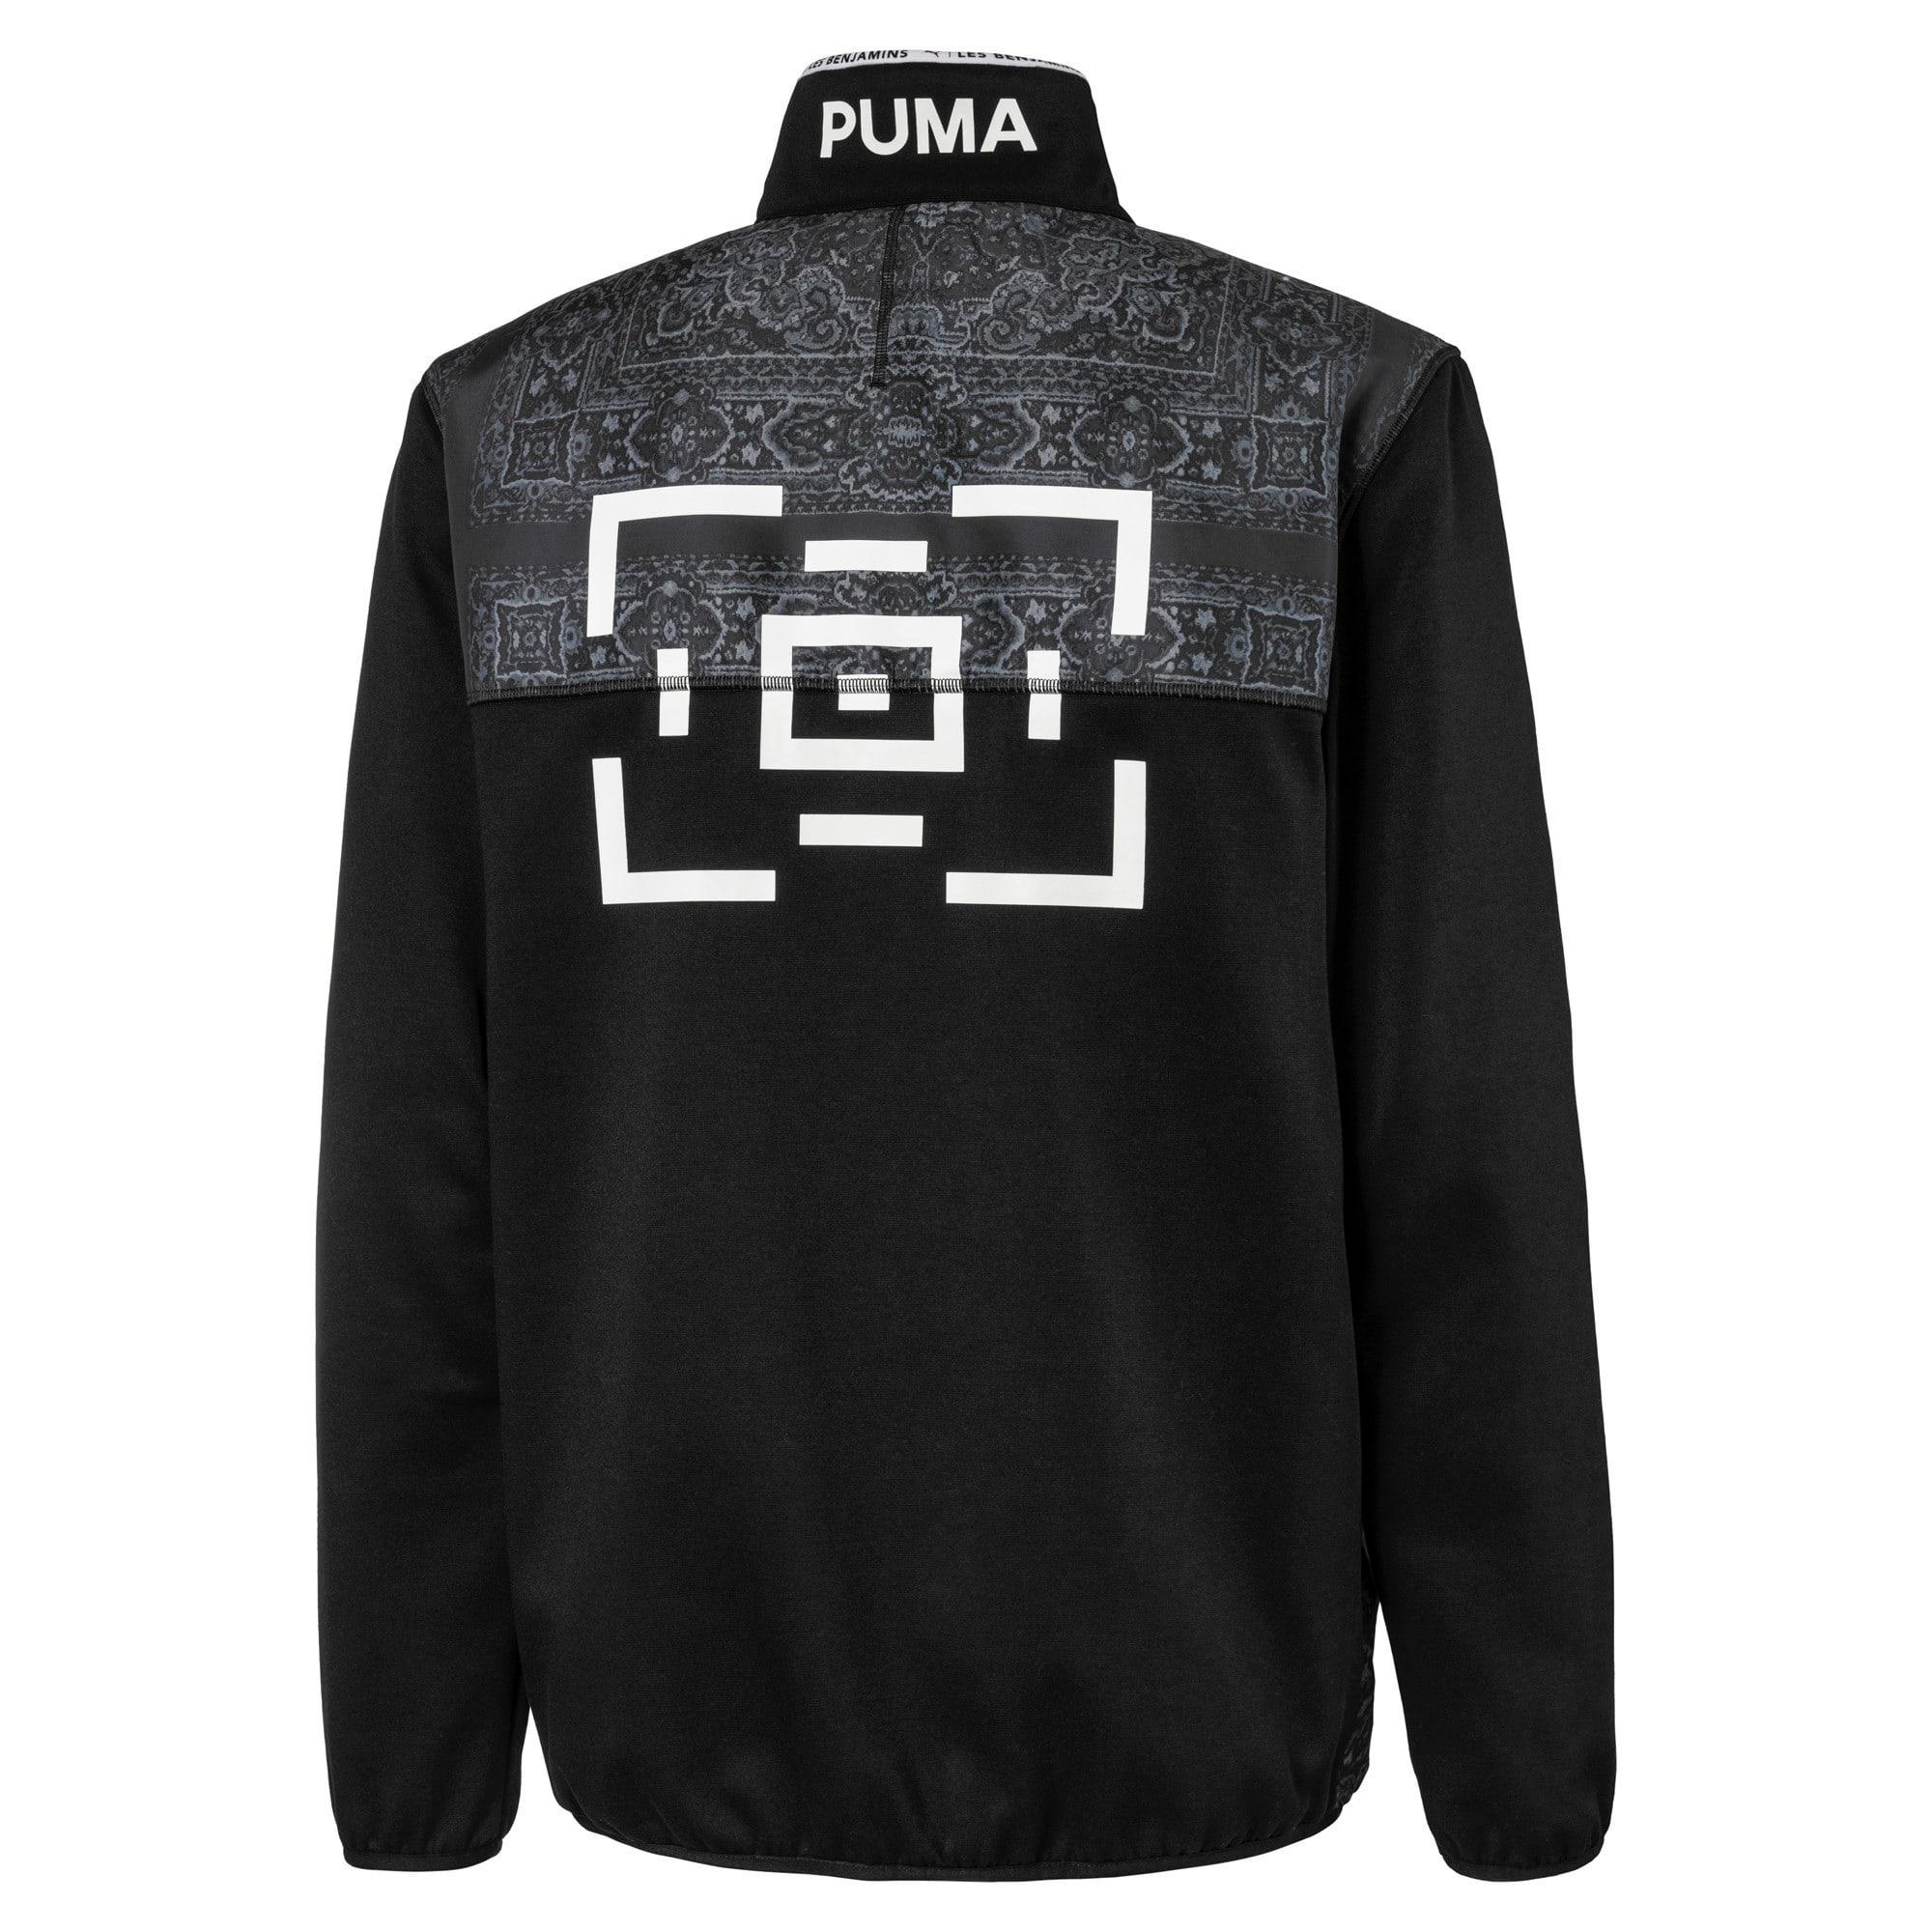 Thumbnail 5 of PUMA x LES BENJAMINS Men's Track Top, Puma Black, medium